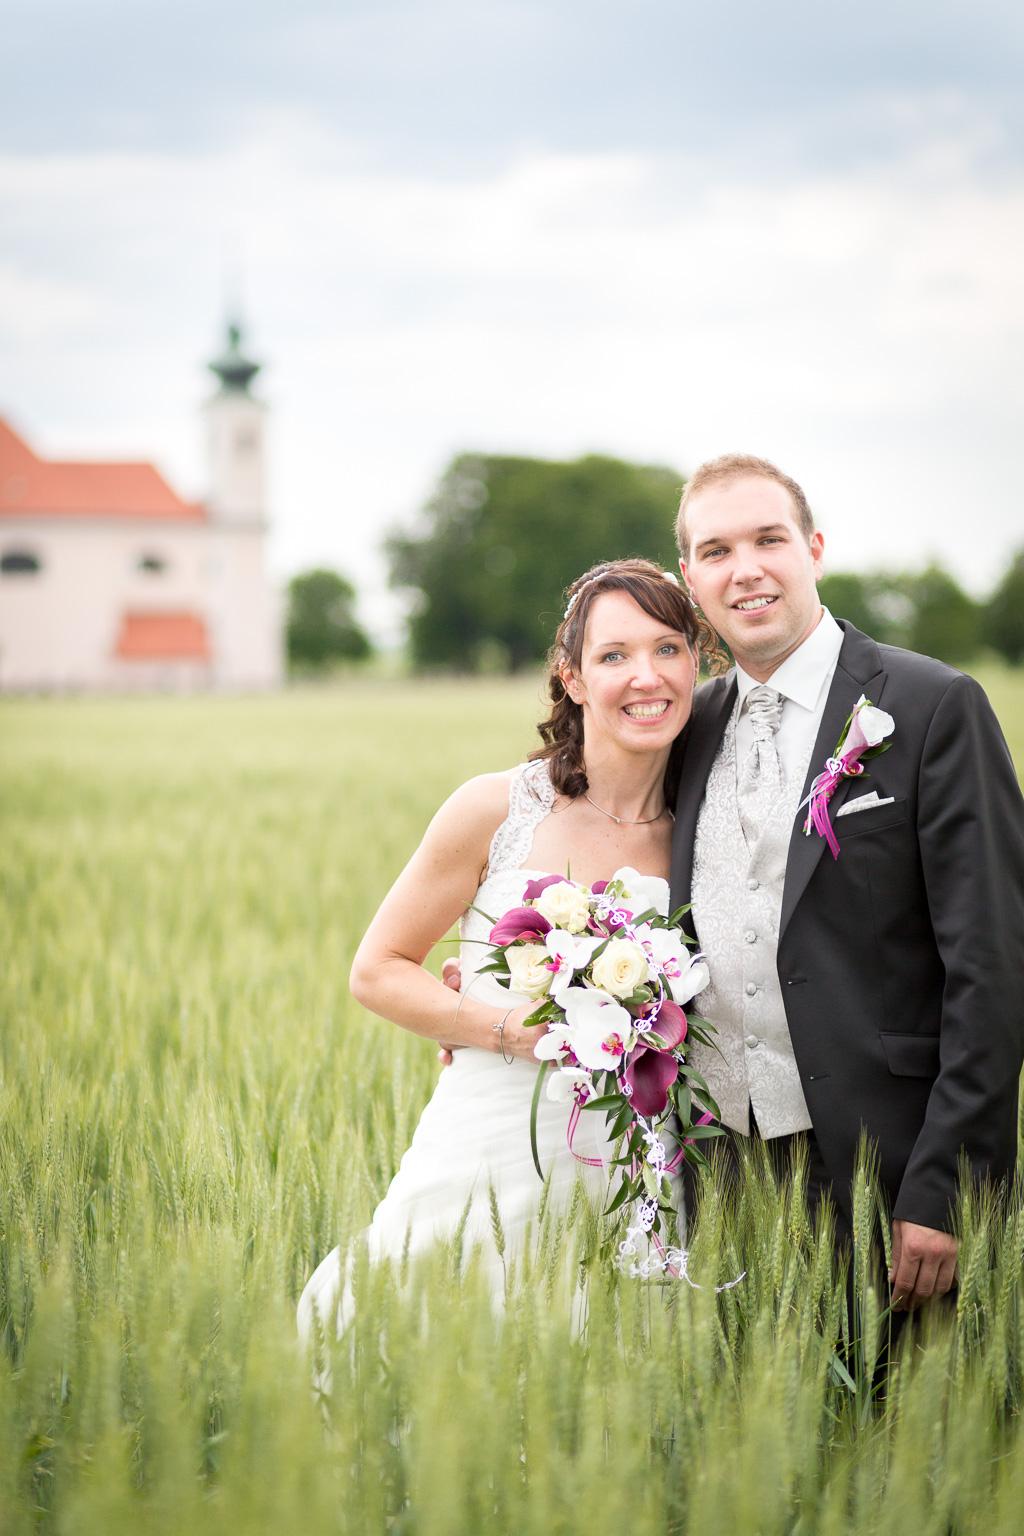 Hochzeit_Monika_Harald_038.jpg